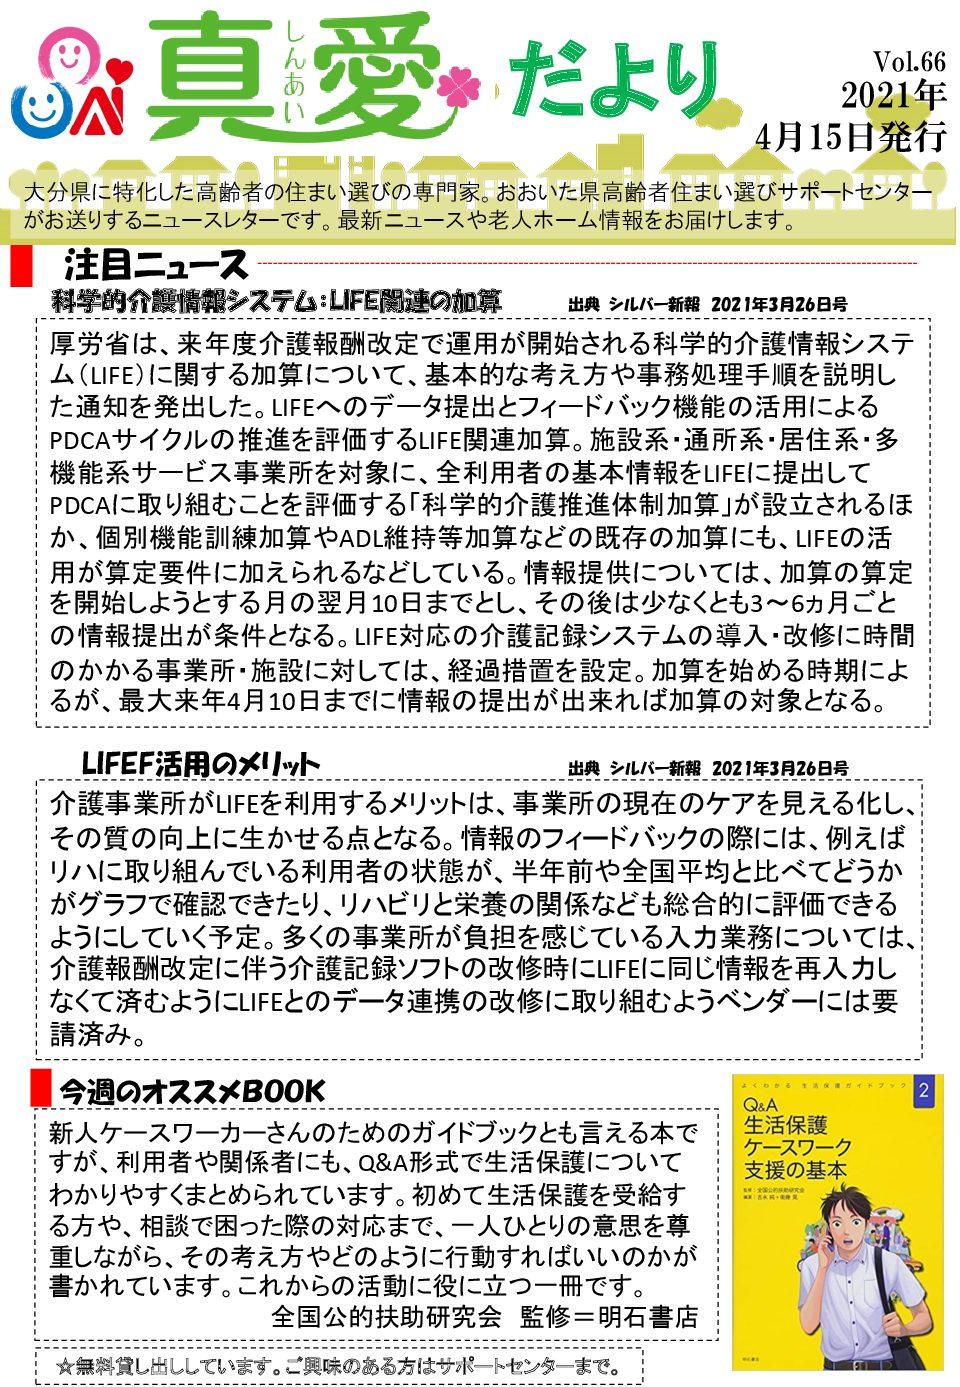 真愛だより【Vol.66】2021.4.15発行